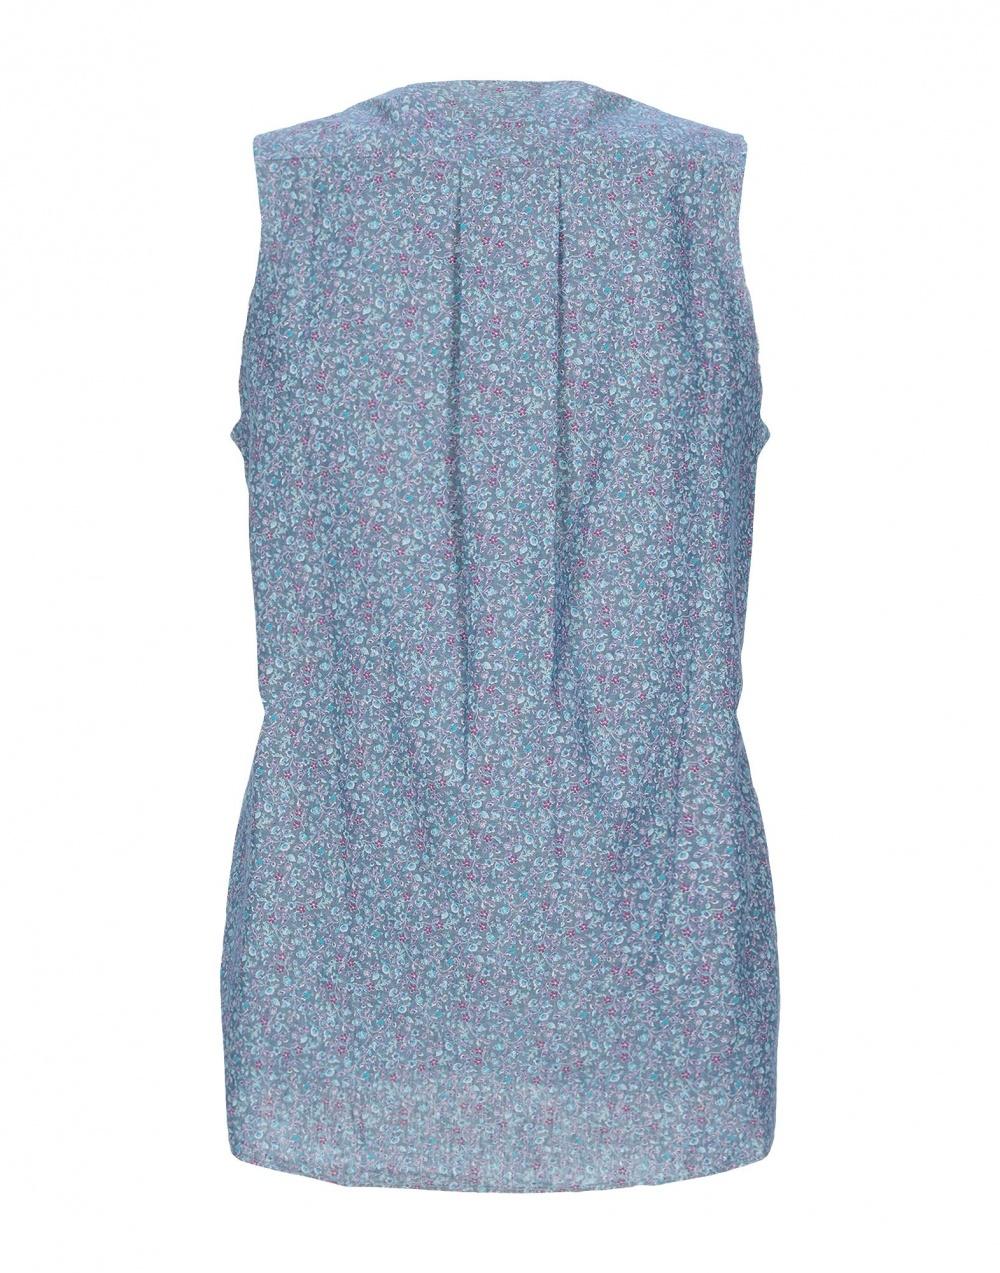 Рубашка AGLINI на 46 размер